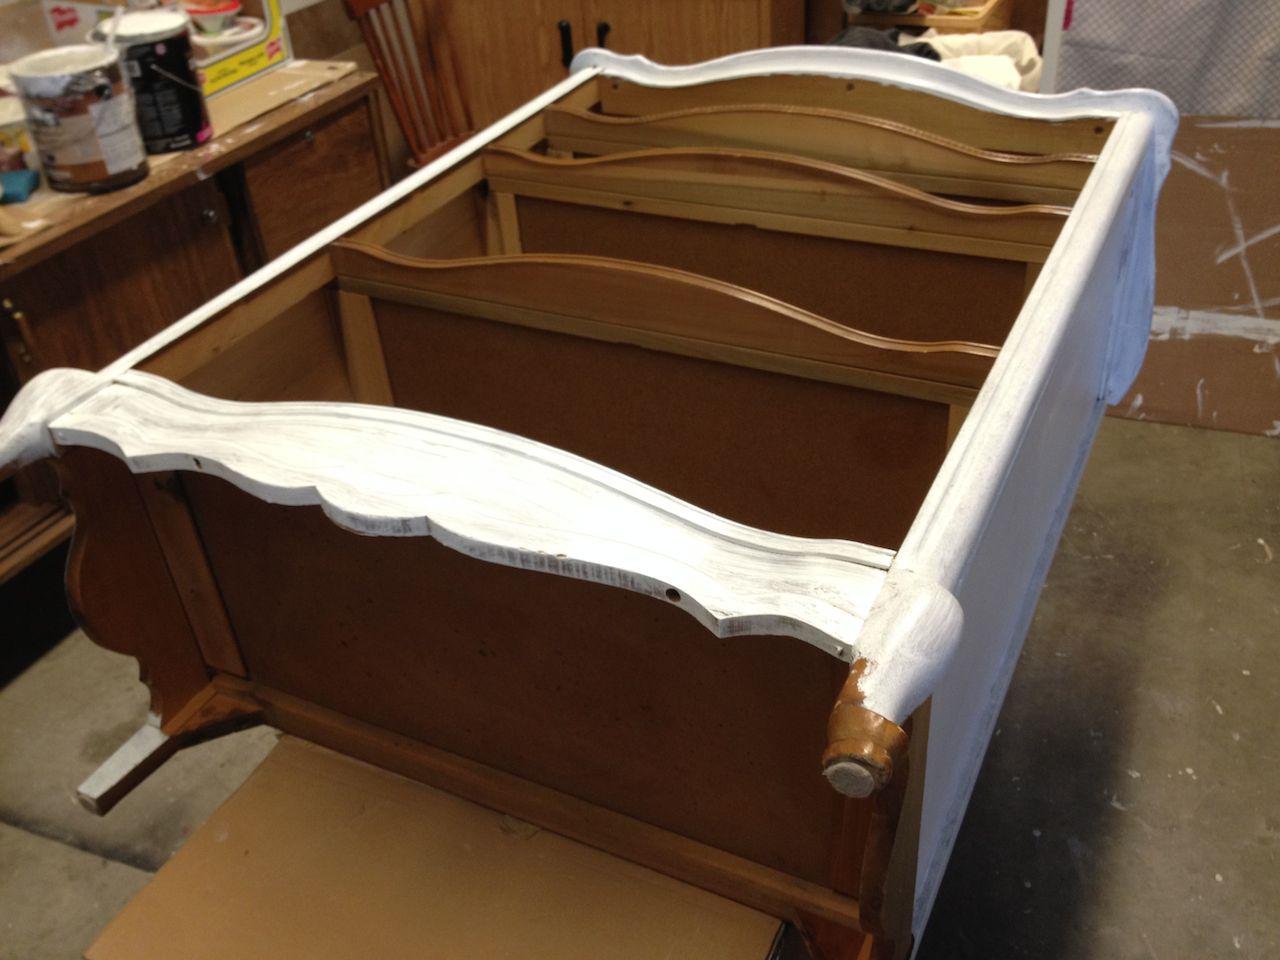 Latest astuces peinture meuble with comment peindre un - Peinture pour meuble vernis sans poncage ...